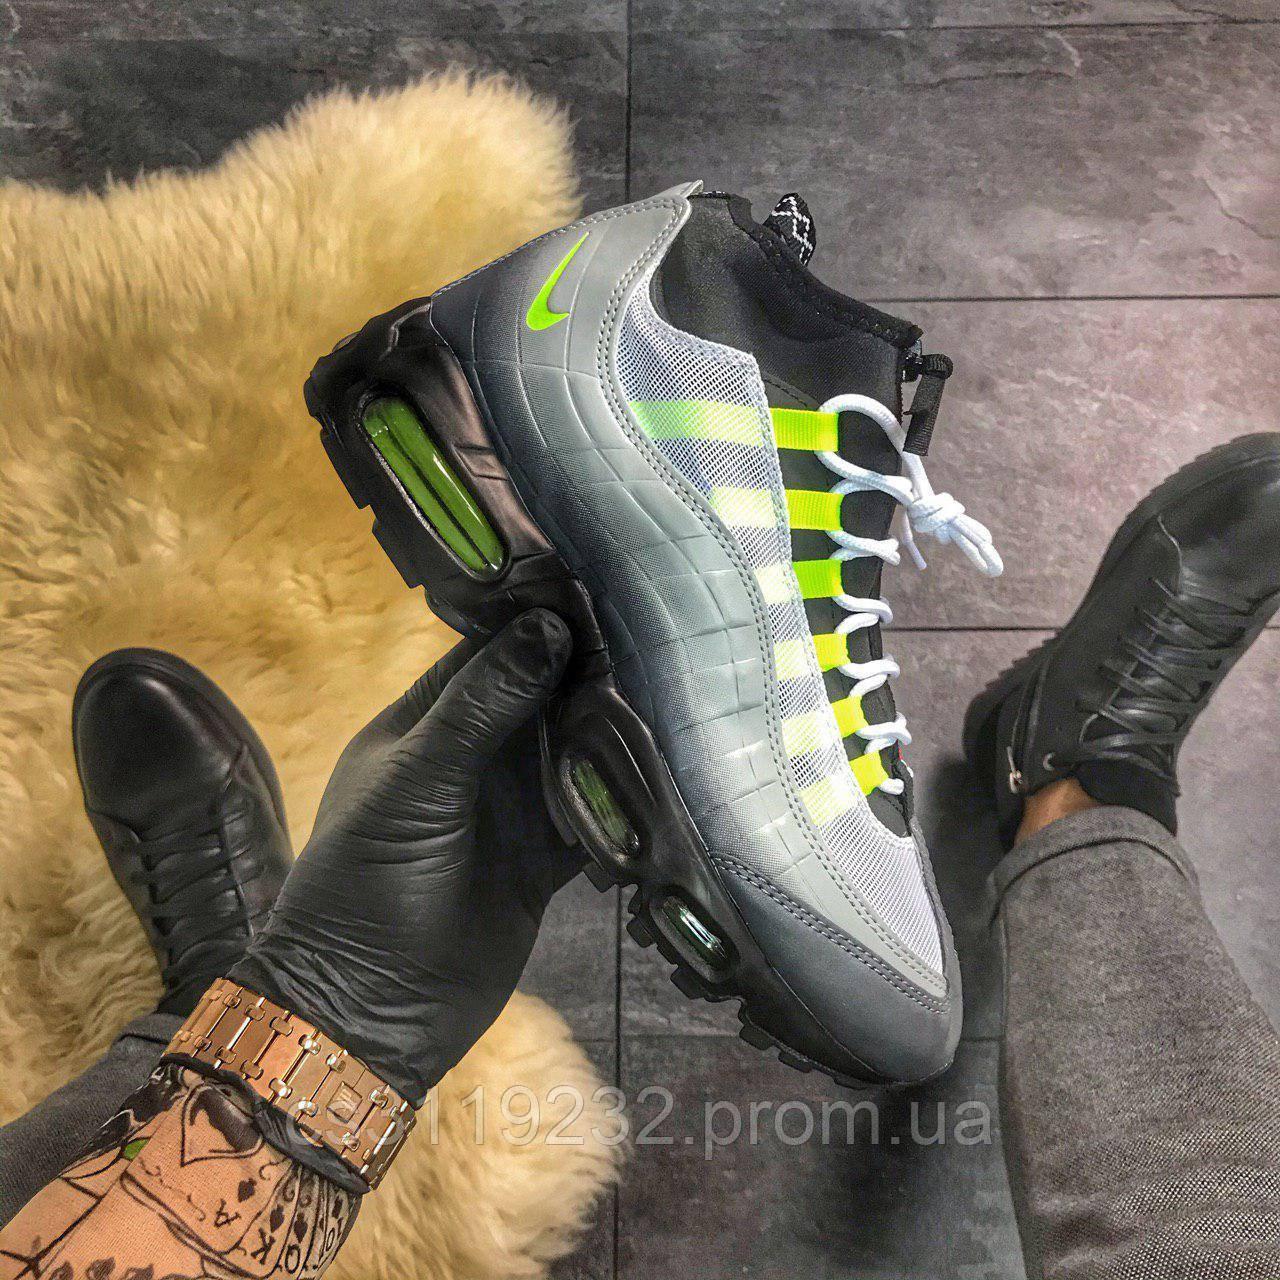 Чоловічі кросівки (еврозима) Nike Air Max 95 Sneakerboot (сірі)